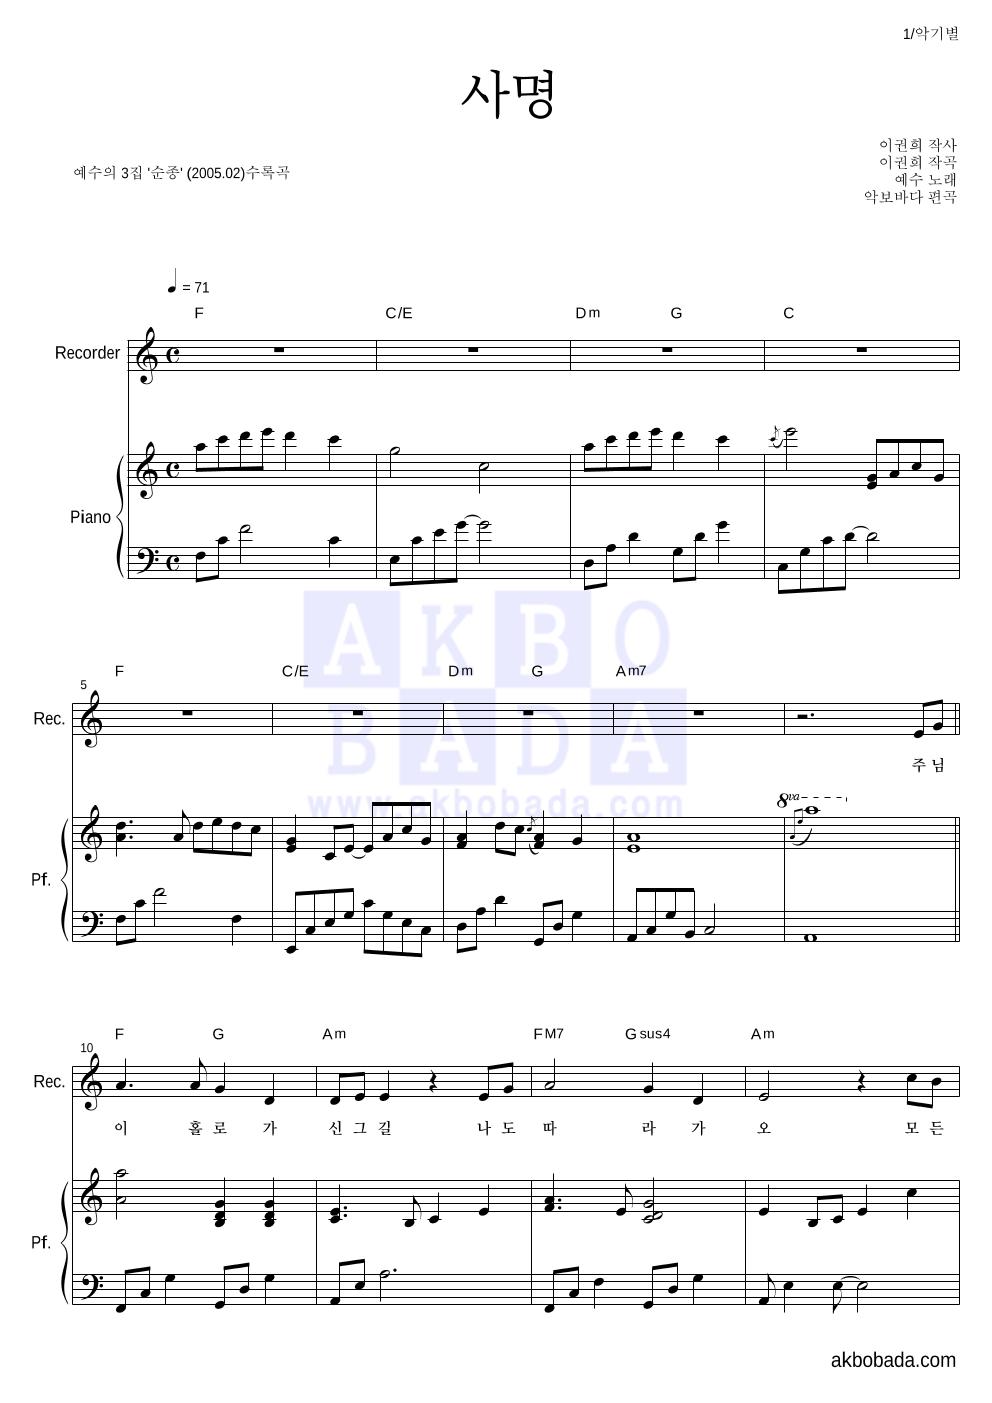 동방현주 - 사명 리코더&피아노 악보